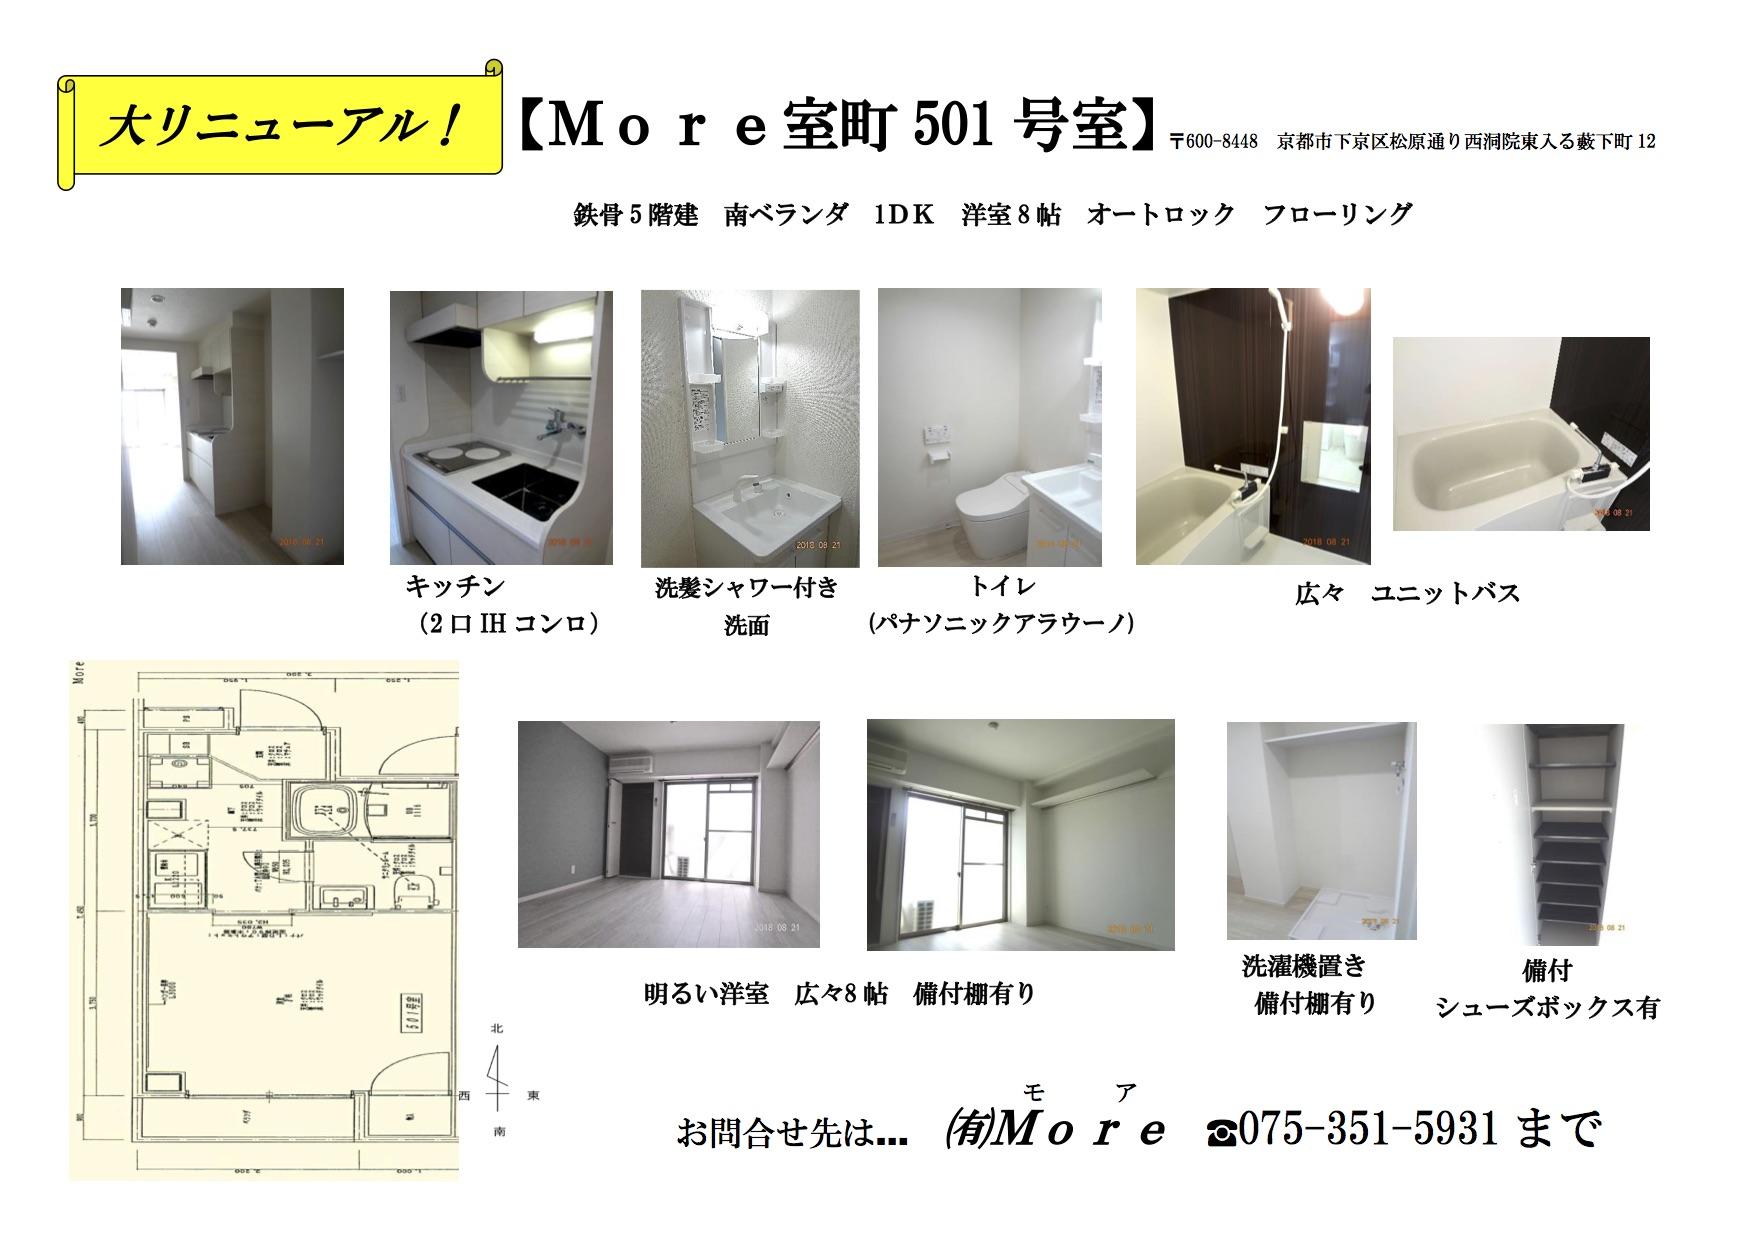 More室町501リニューアル